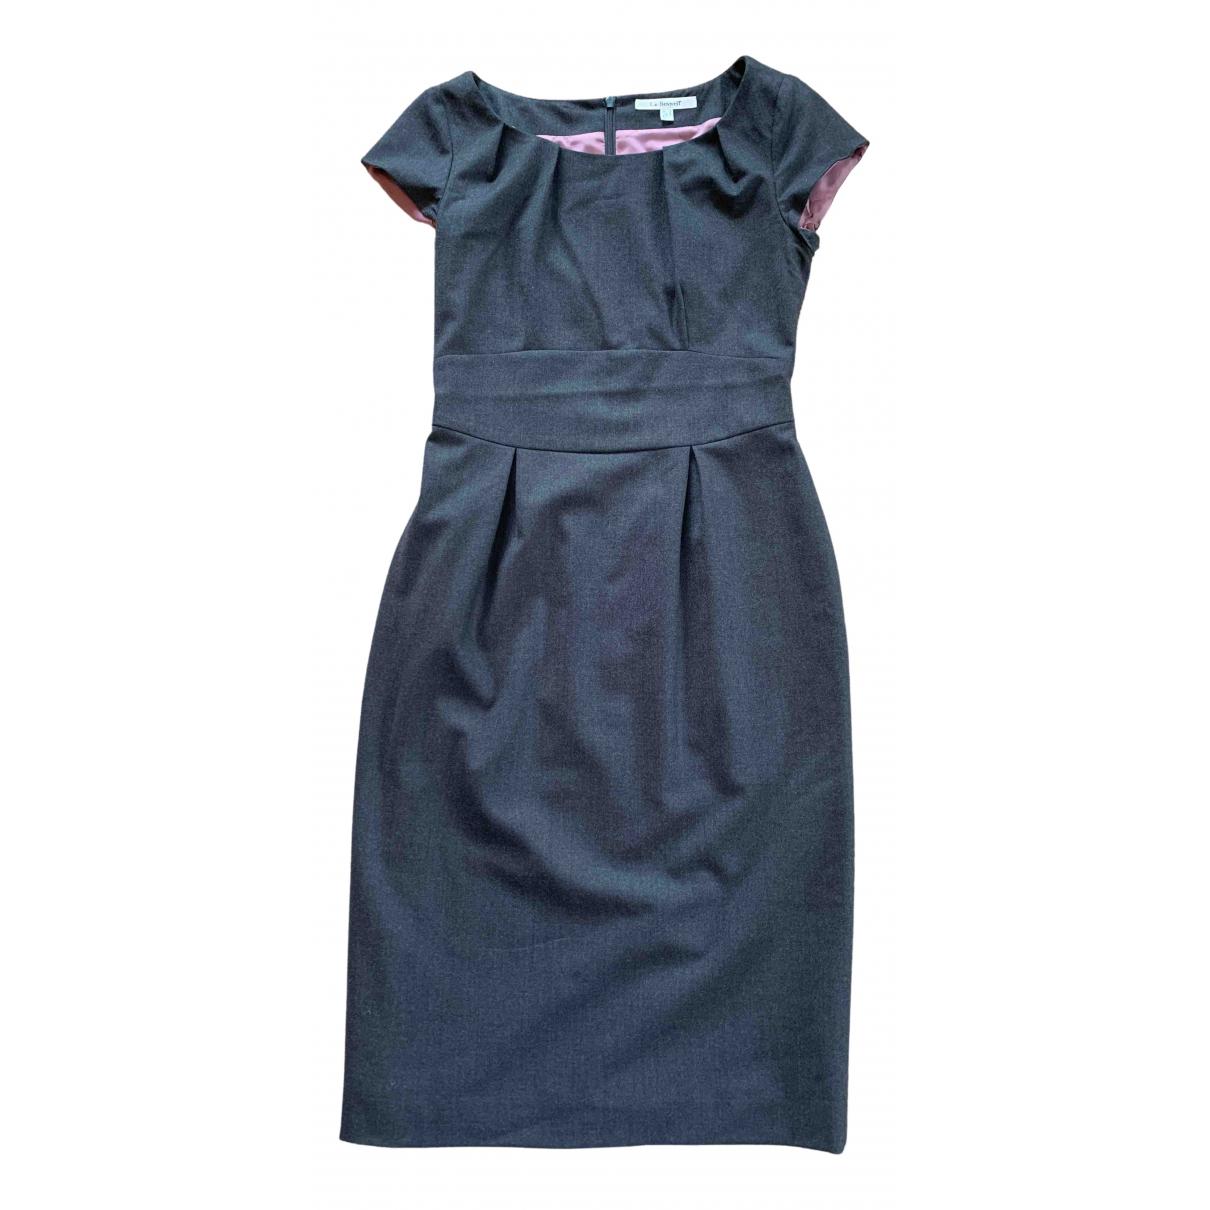 Lk Bennett \N Grey Wool dress for Women 8 UK